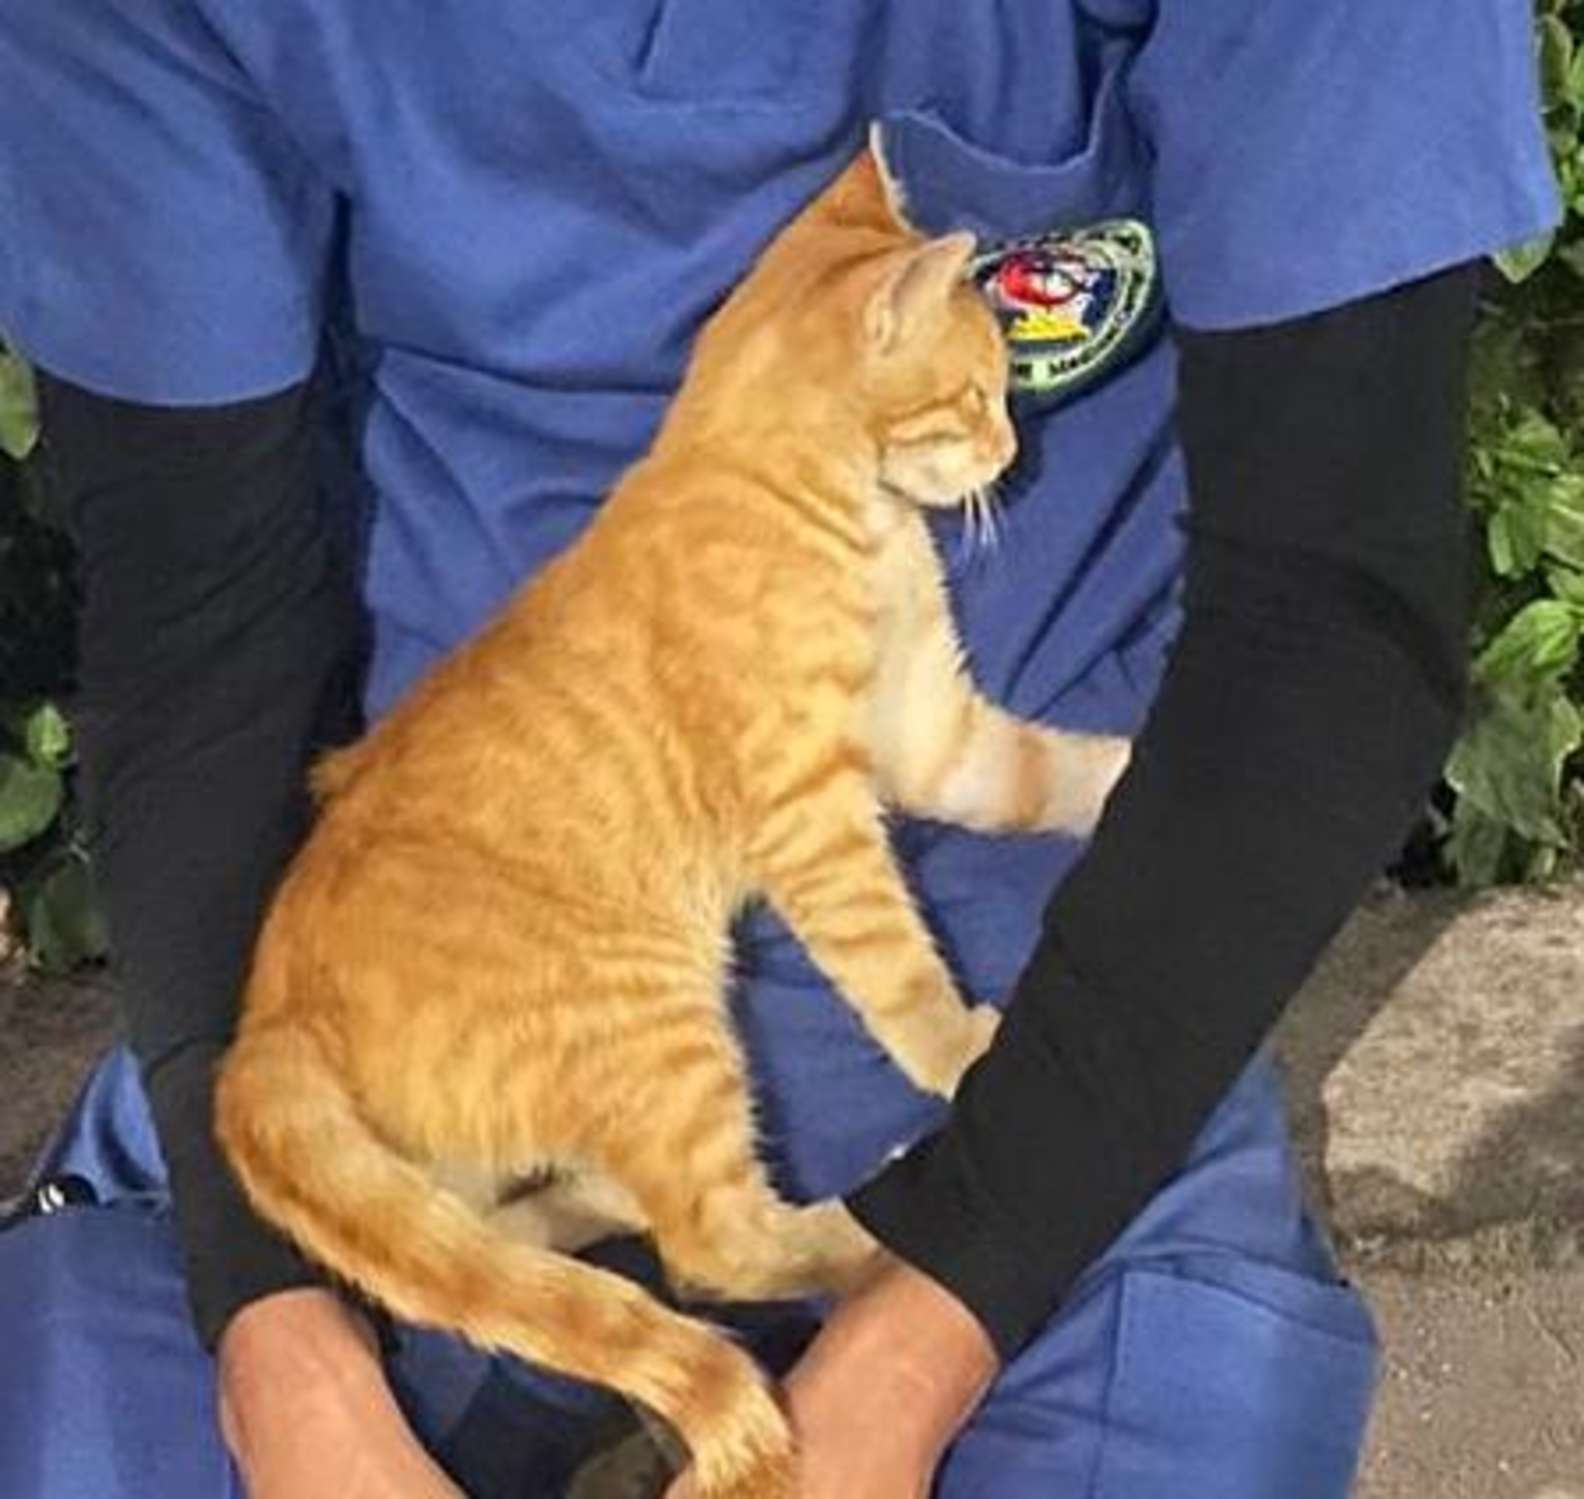 連續值班超累...護理員休息時「小橘貓」撒嬌安慰:幫你重新充滿電!